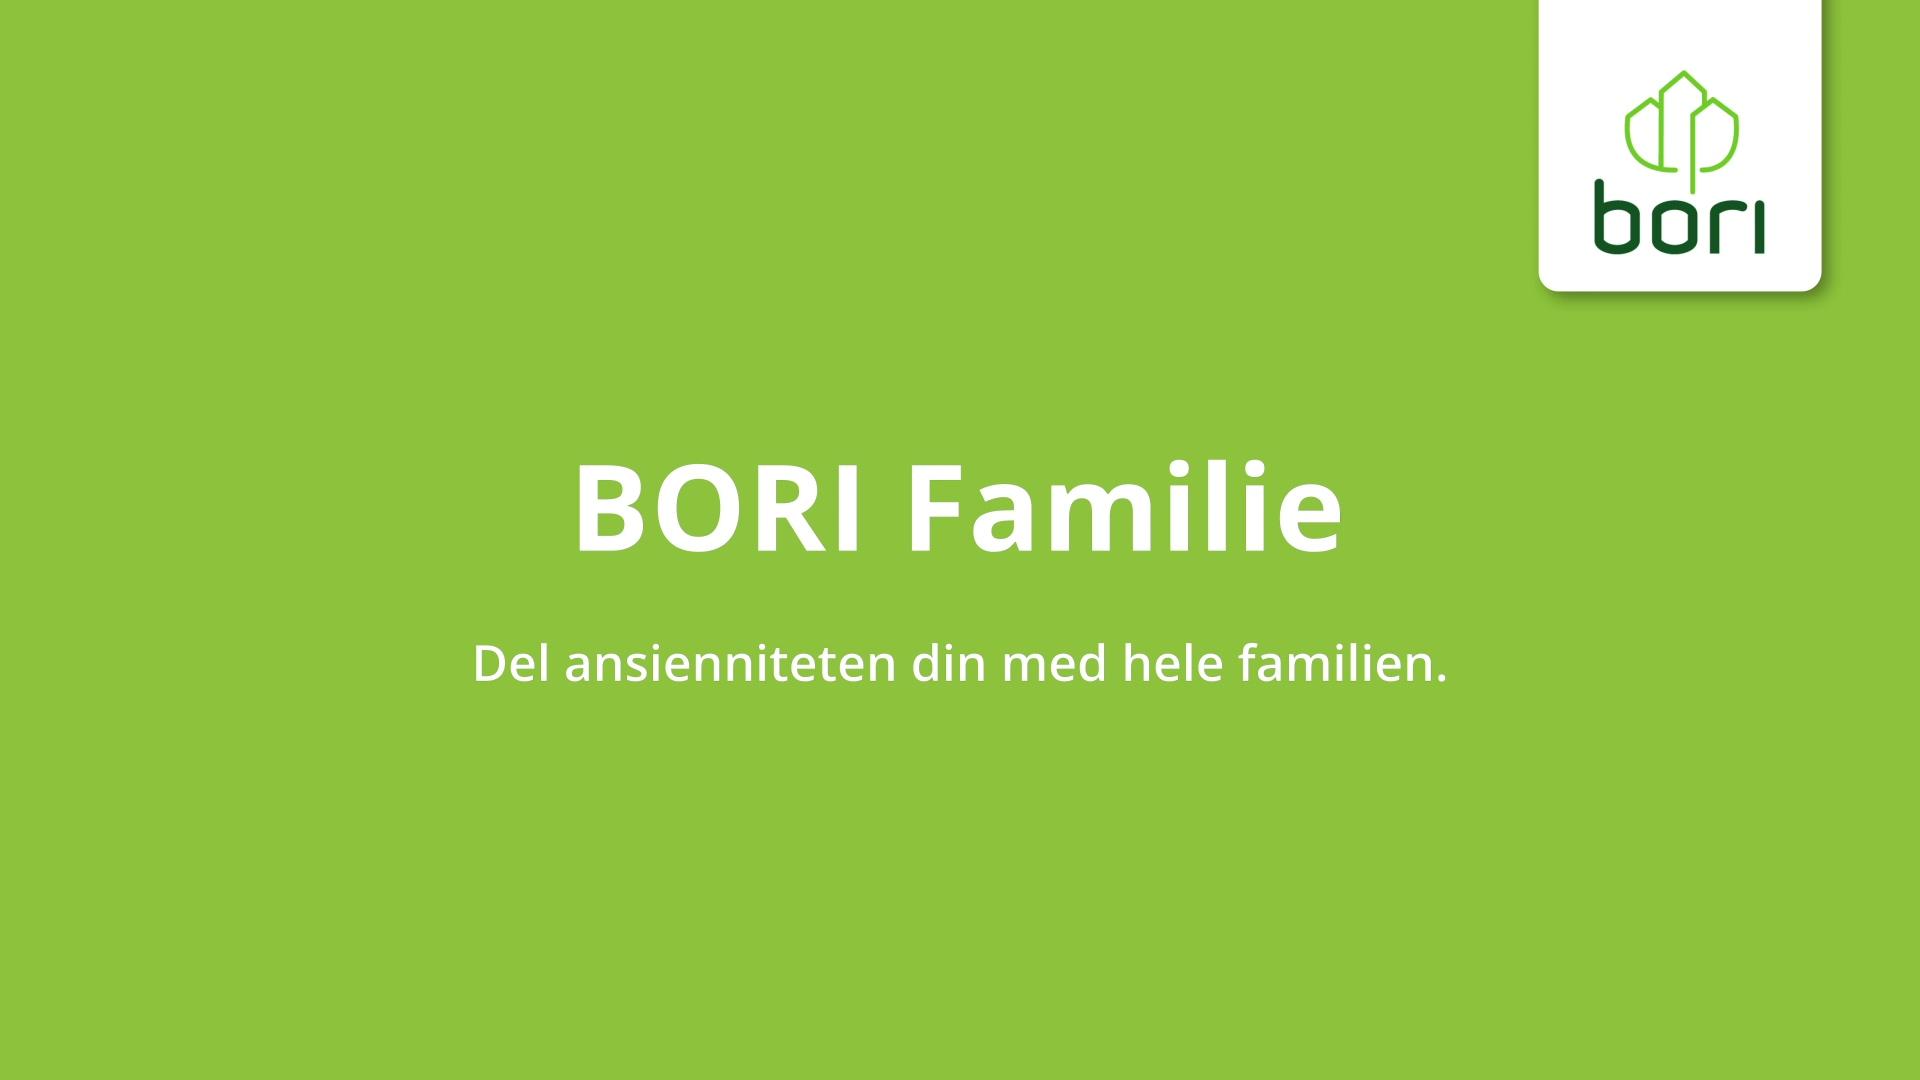 bori-familie-animasjon-bredde-tekst